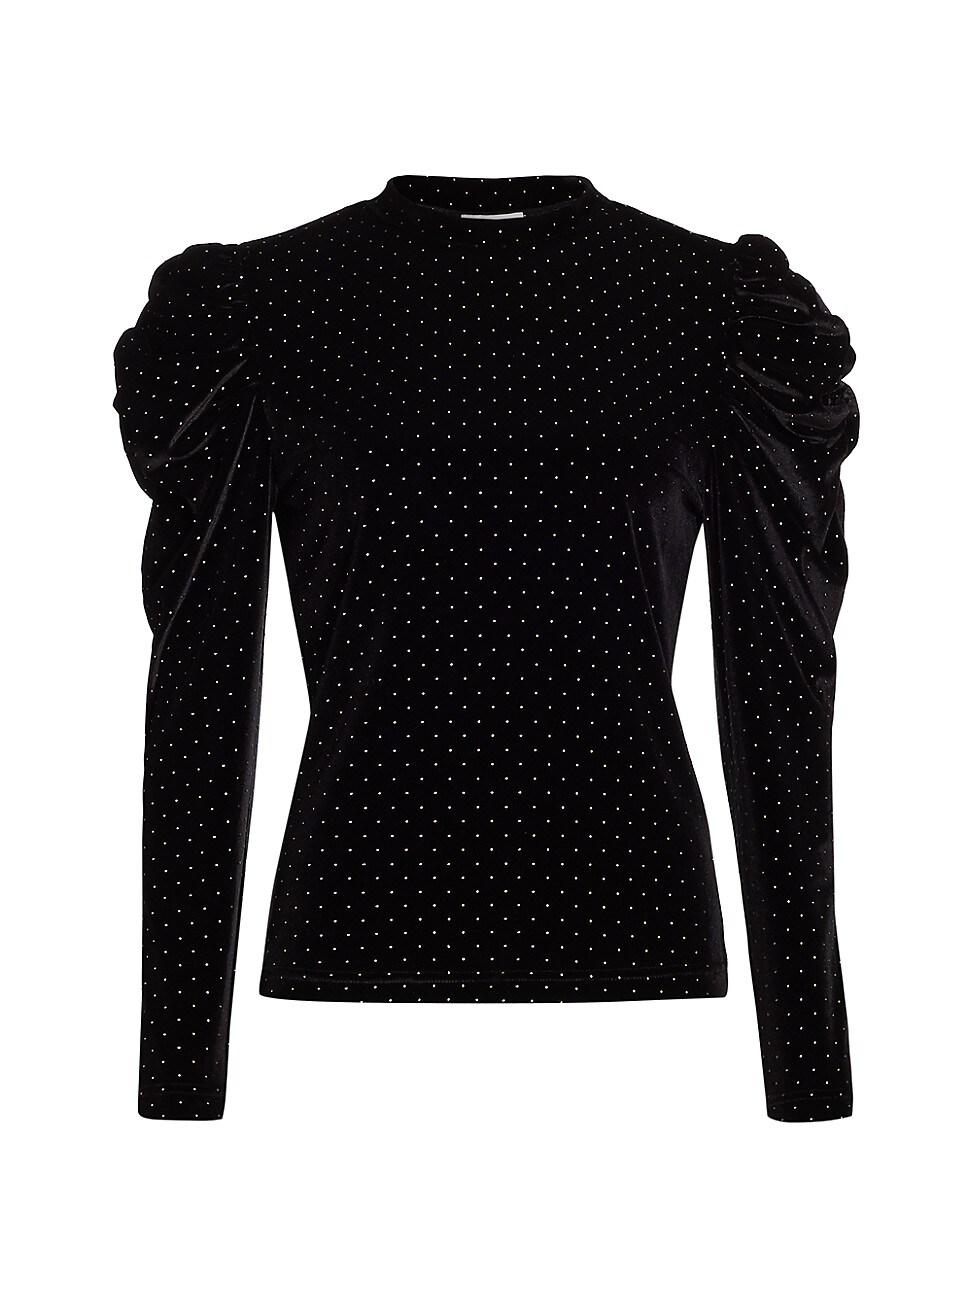 Tanya Taylor Women's Elsie Puff-sleeve Top In Black